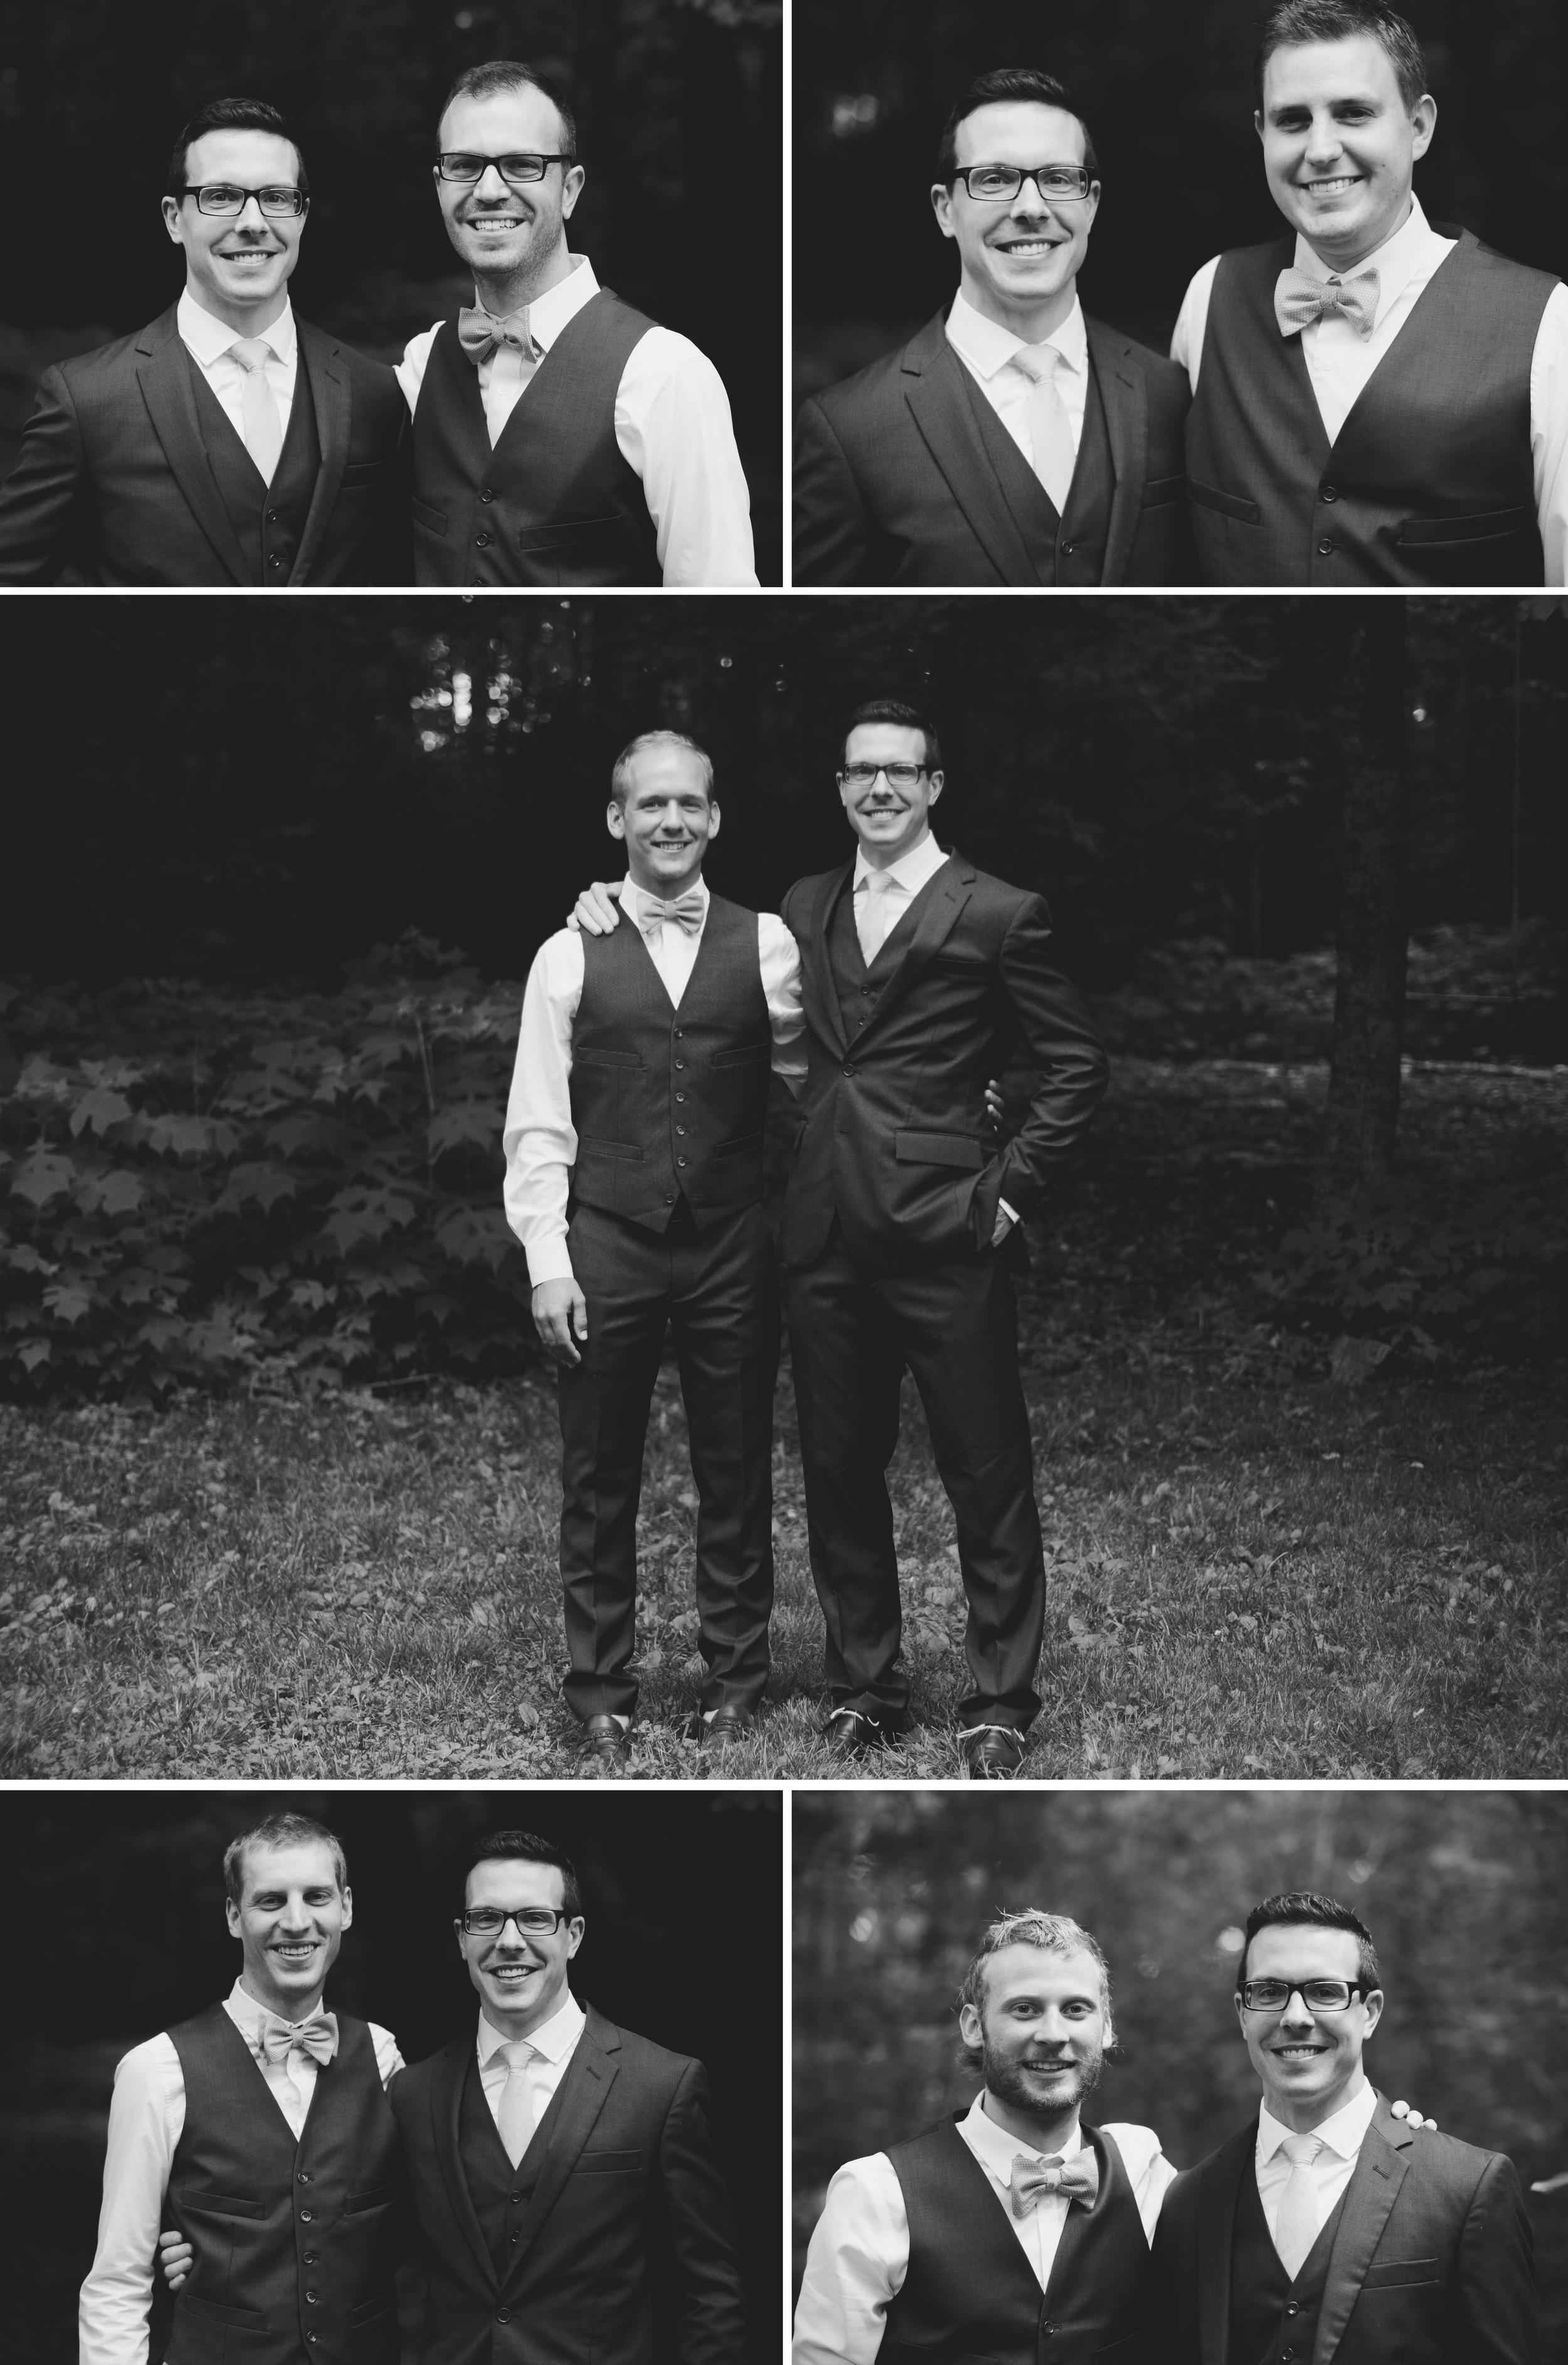 Laura + Mark Wedding Nashville Wedding Photographer Photography Anthology-42 copy.jpg